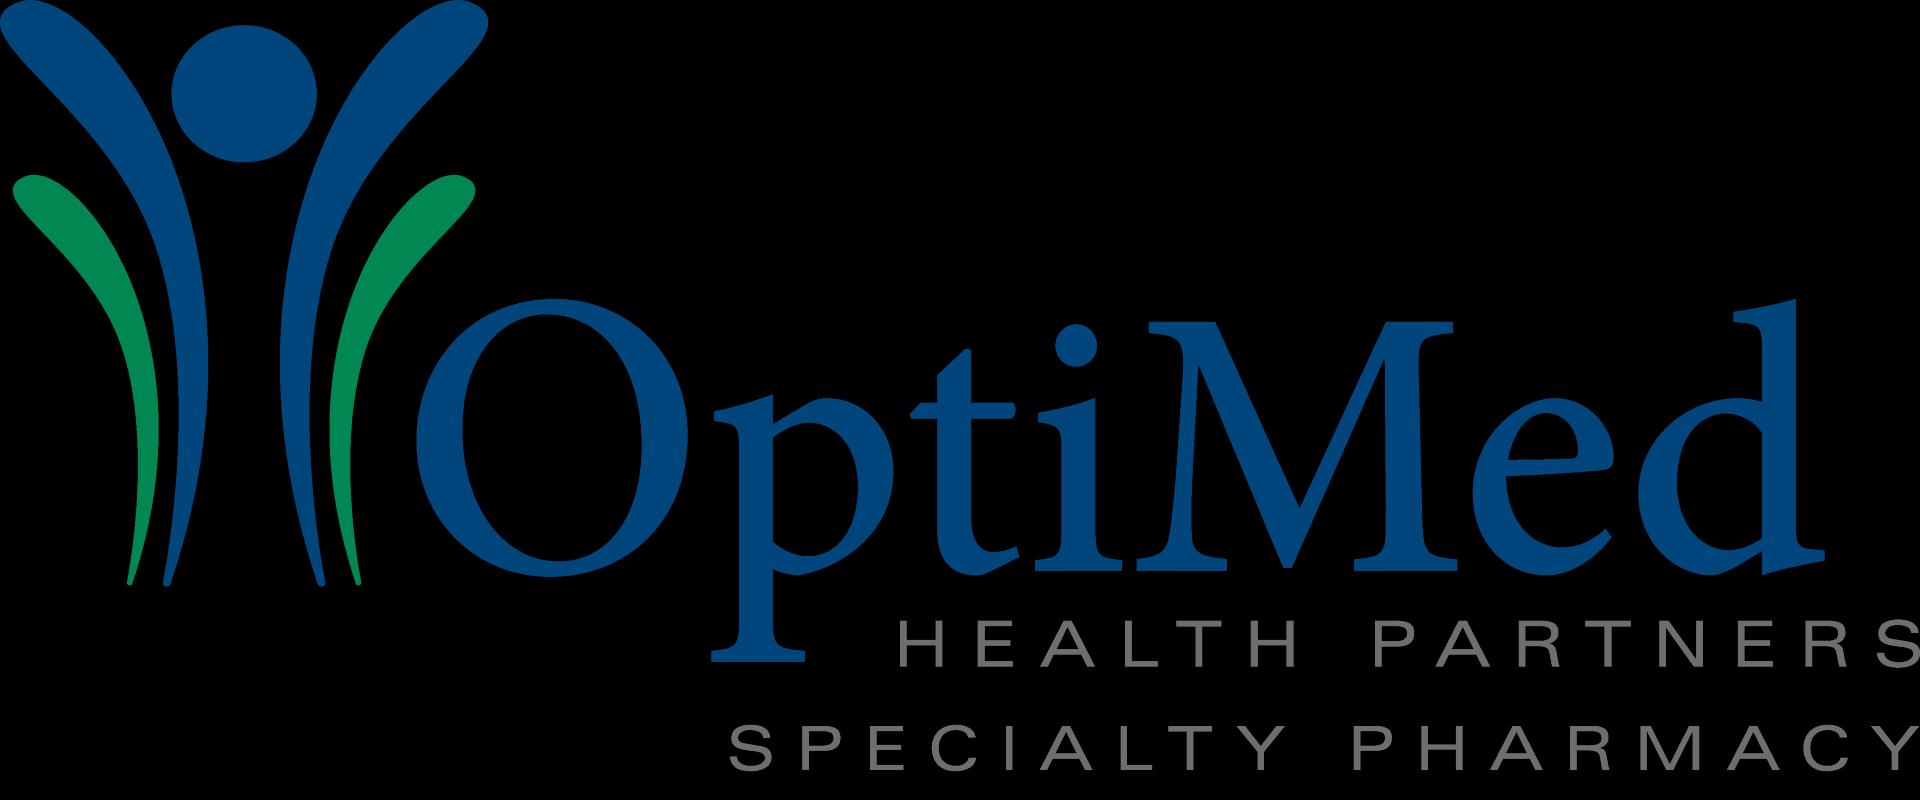 Сайт о лечении и диагностики заболеваний у детей и взрослых - лучшие и эффективные методы